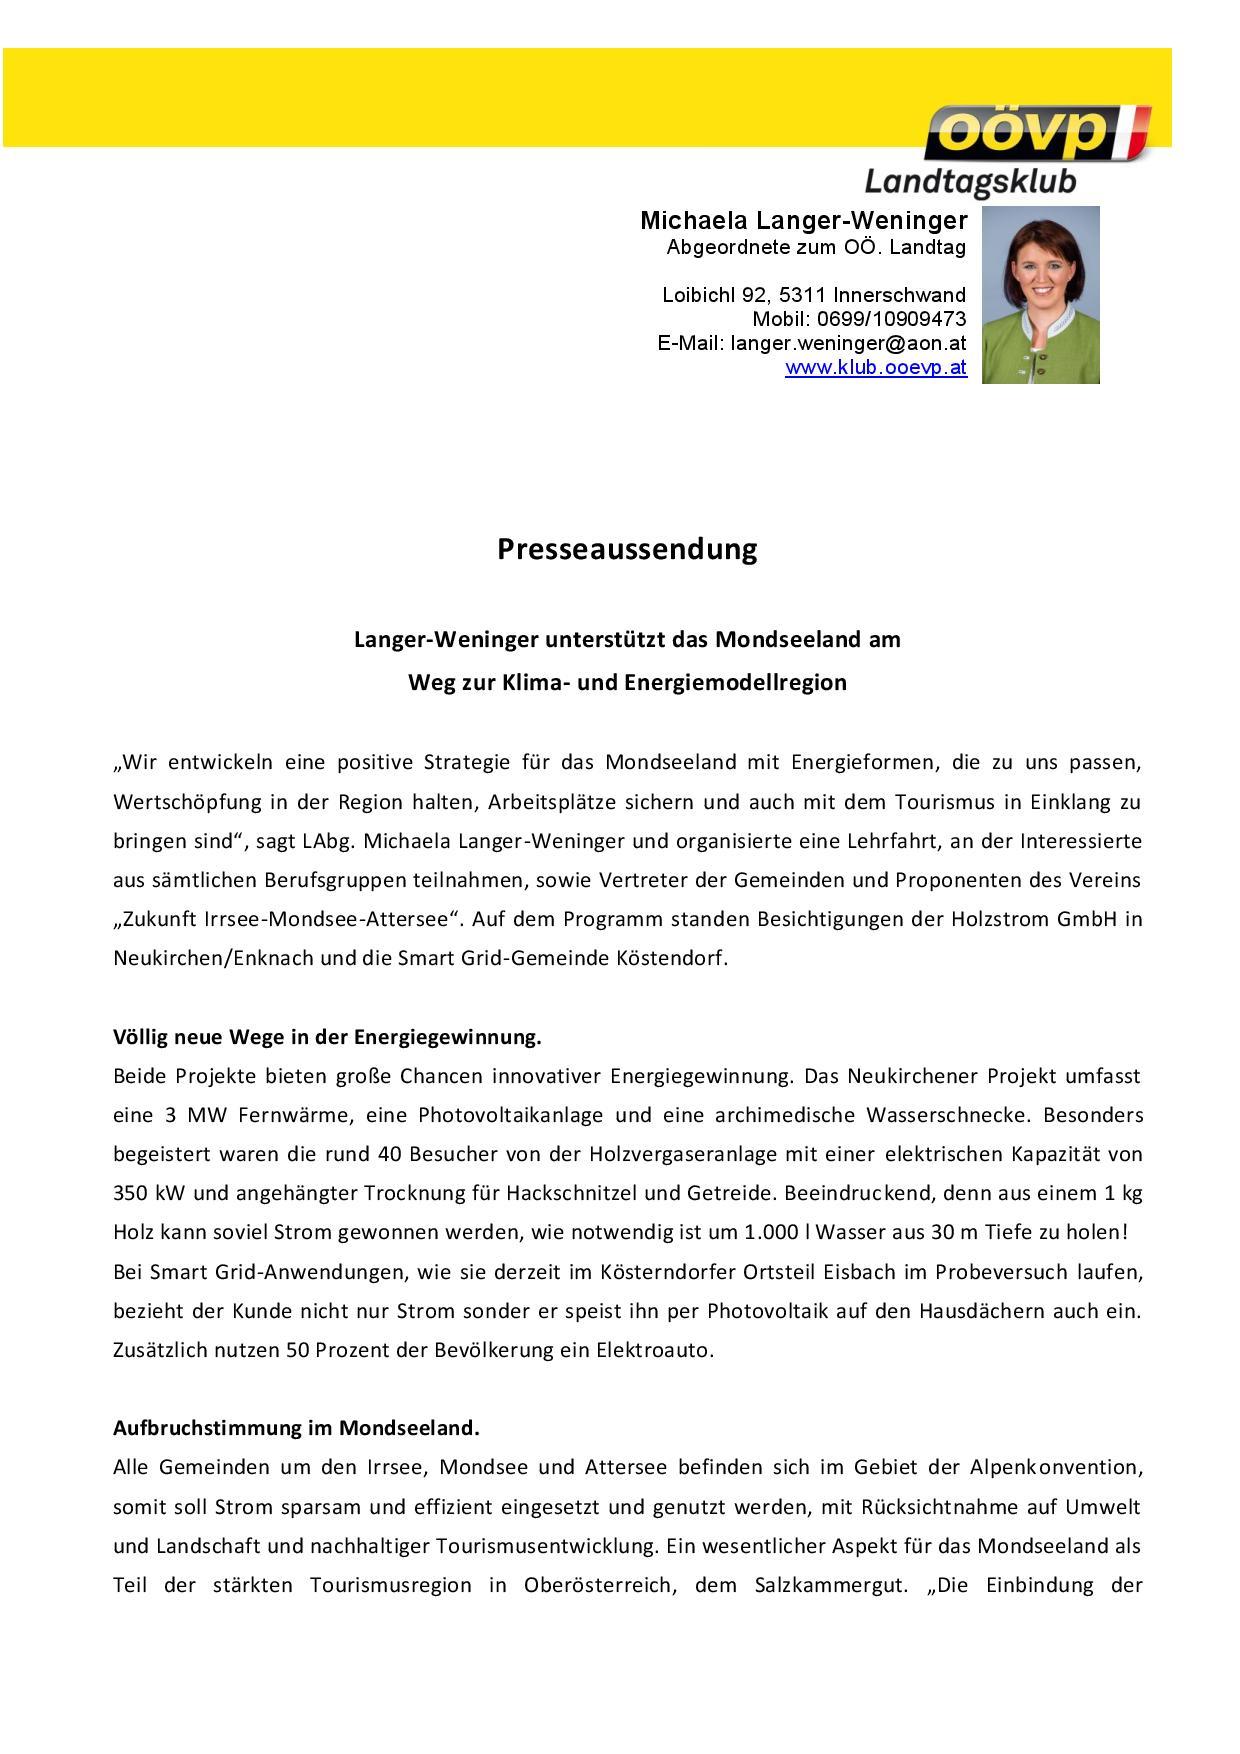 Langer-Weninger unterstützt das Mondseeland am Weg zur Klima- und Energiemodellregin-page-001